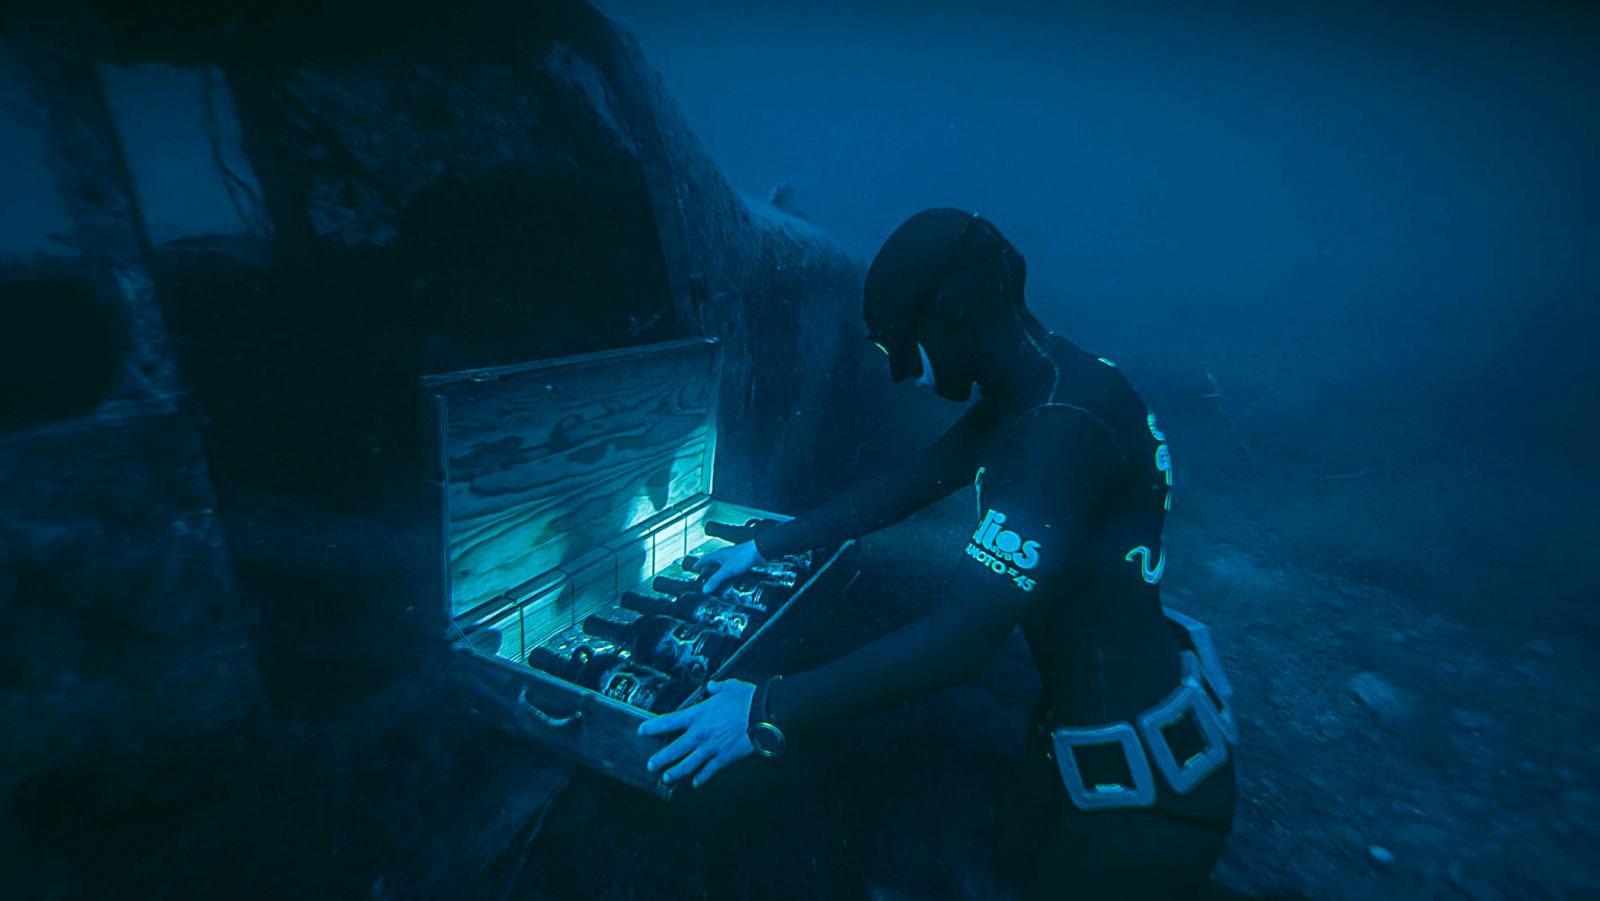 Kraken Black Spiced Rum Launches Underwater 'drive Thru' photo